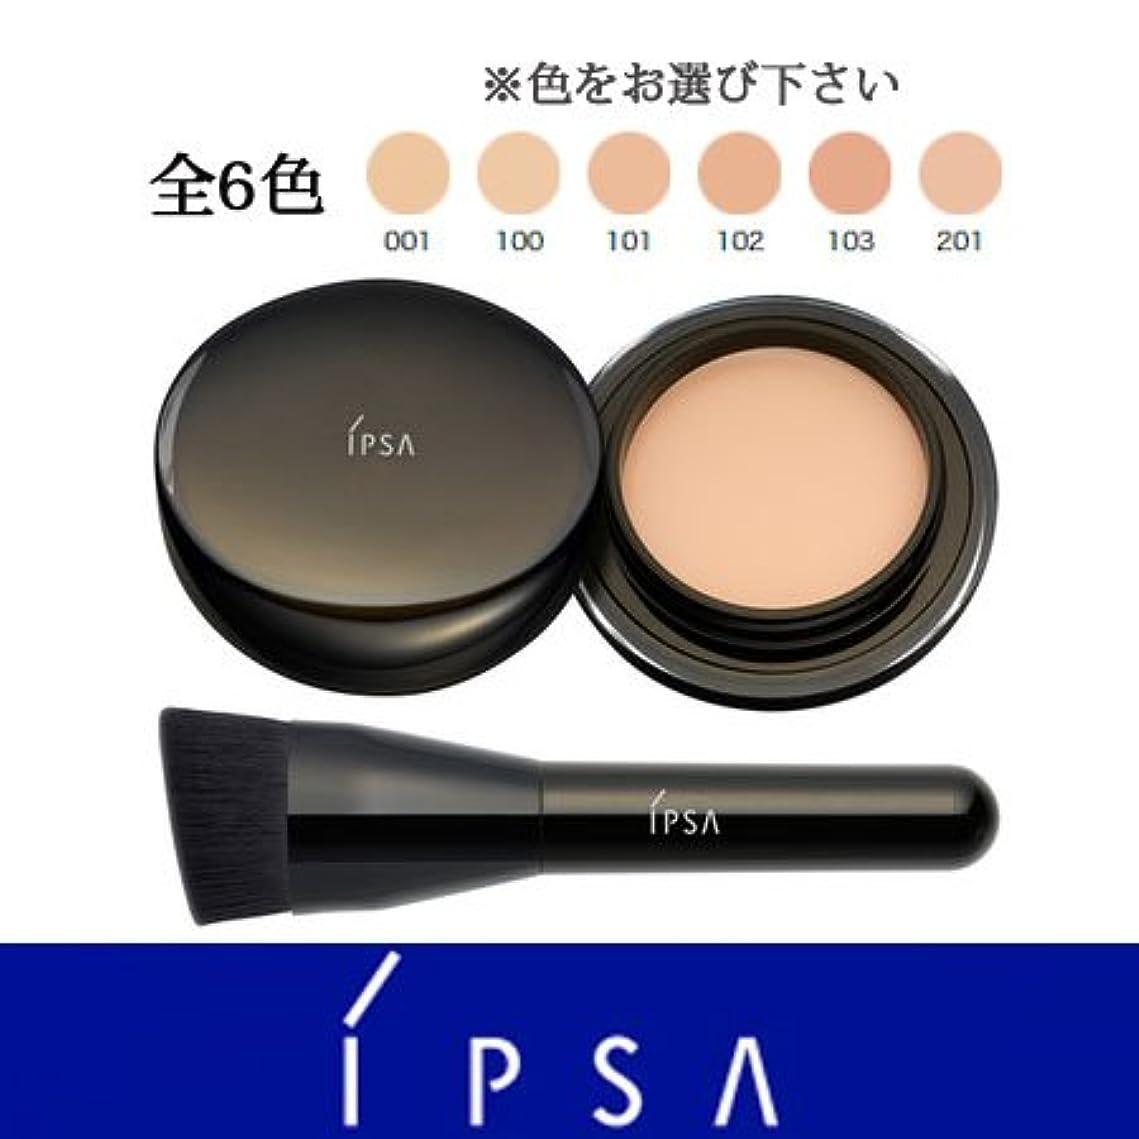 公演ミス呼吸するイプサ ファウンデイション アルティメイト 全6色 -IPSA- 001